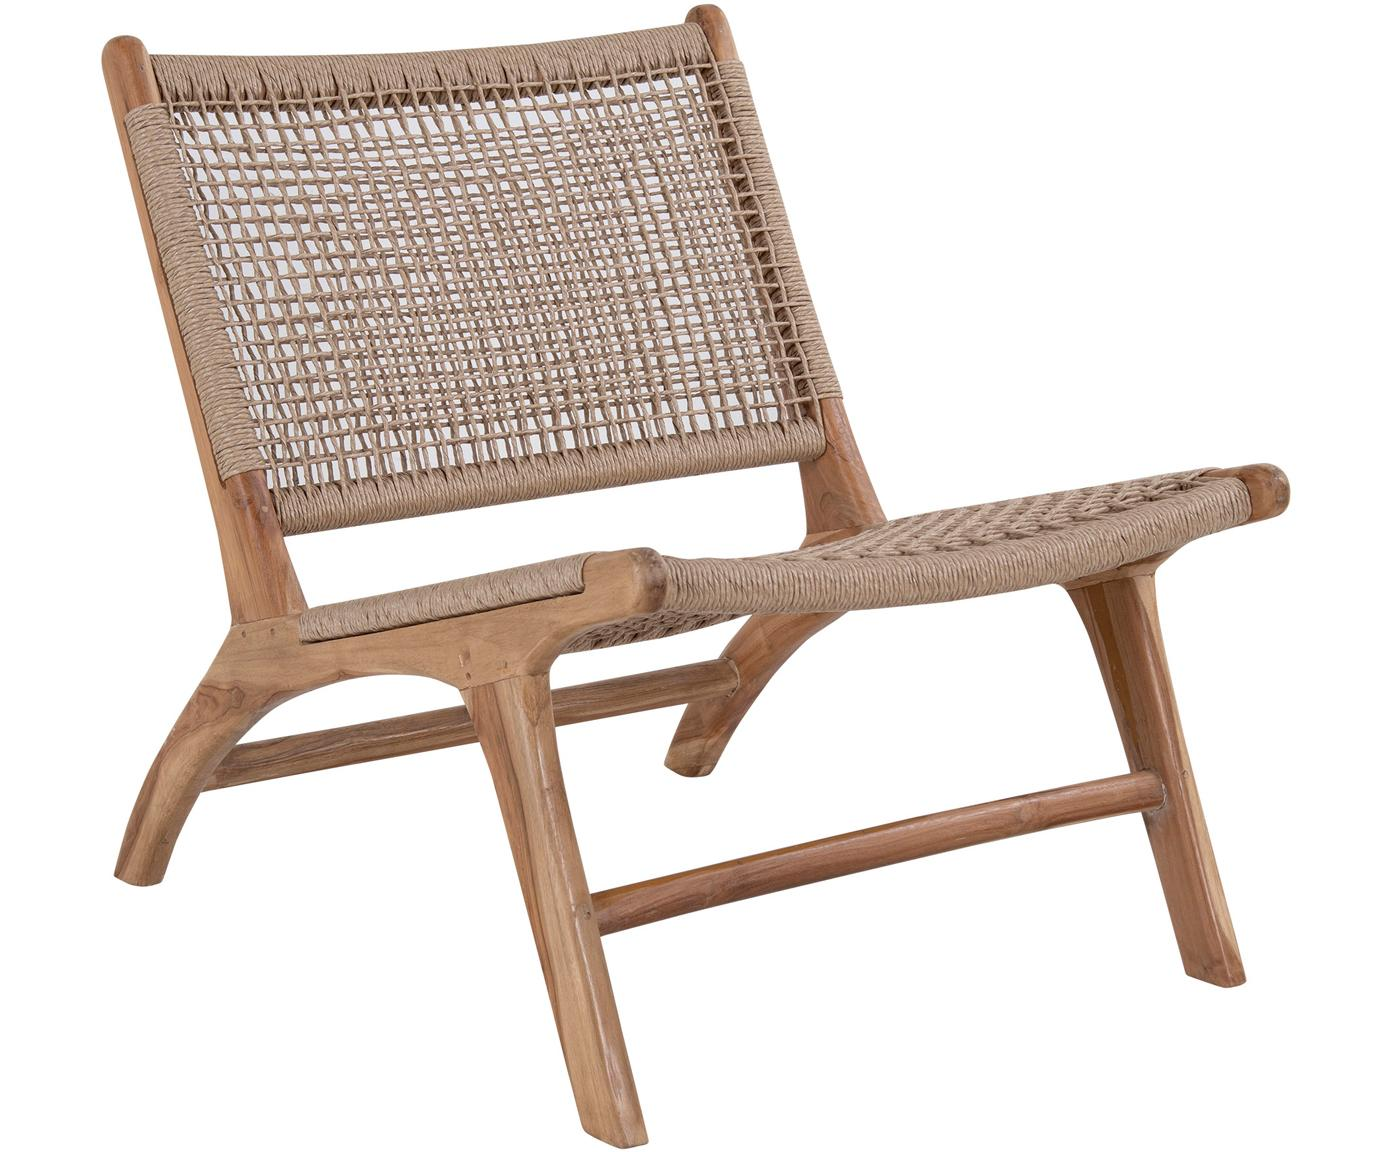 Sedia a poltrona in legno di teak e polirattan Derby, Legno di teak, polirattan, Legno di teak, beige, Larg. 60 x Prof. 80 cm